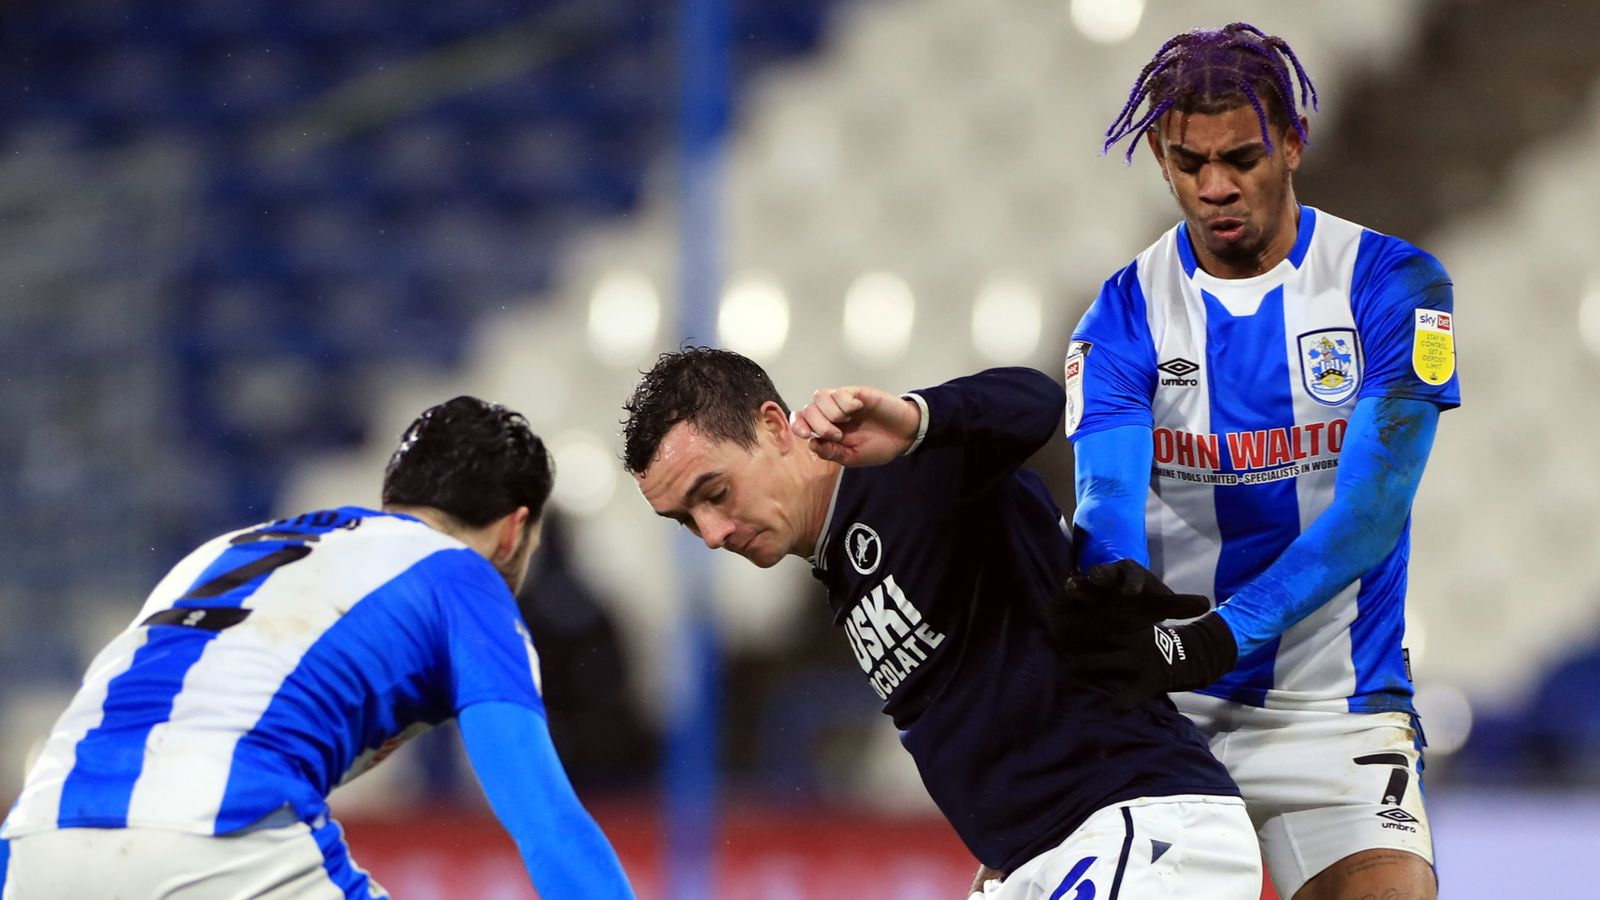 Huddersfield 0-1 Millwall: Scott Malone hits Lions winner - Sky Sports